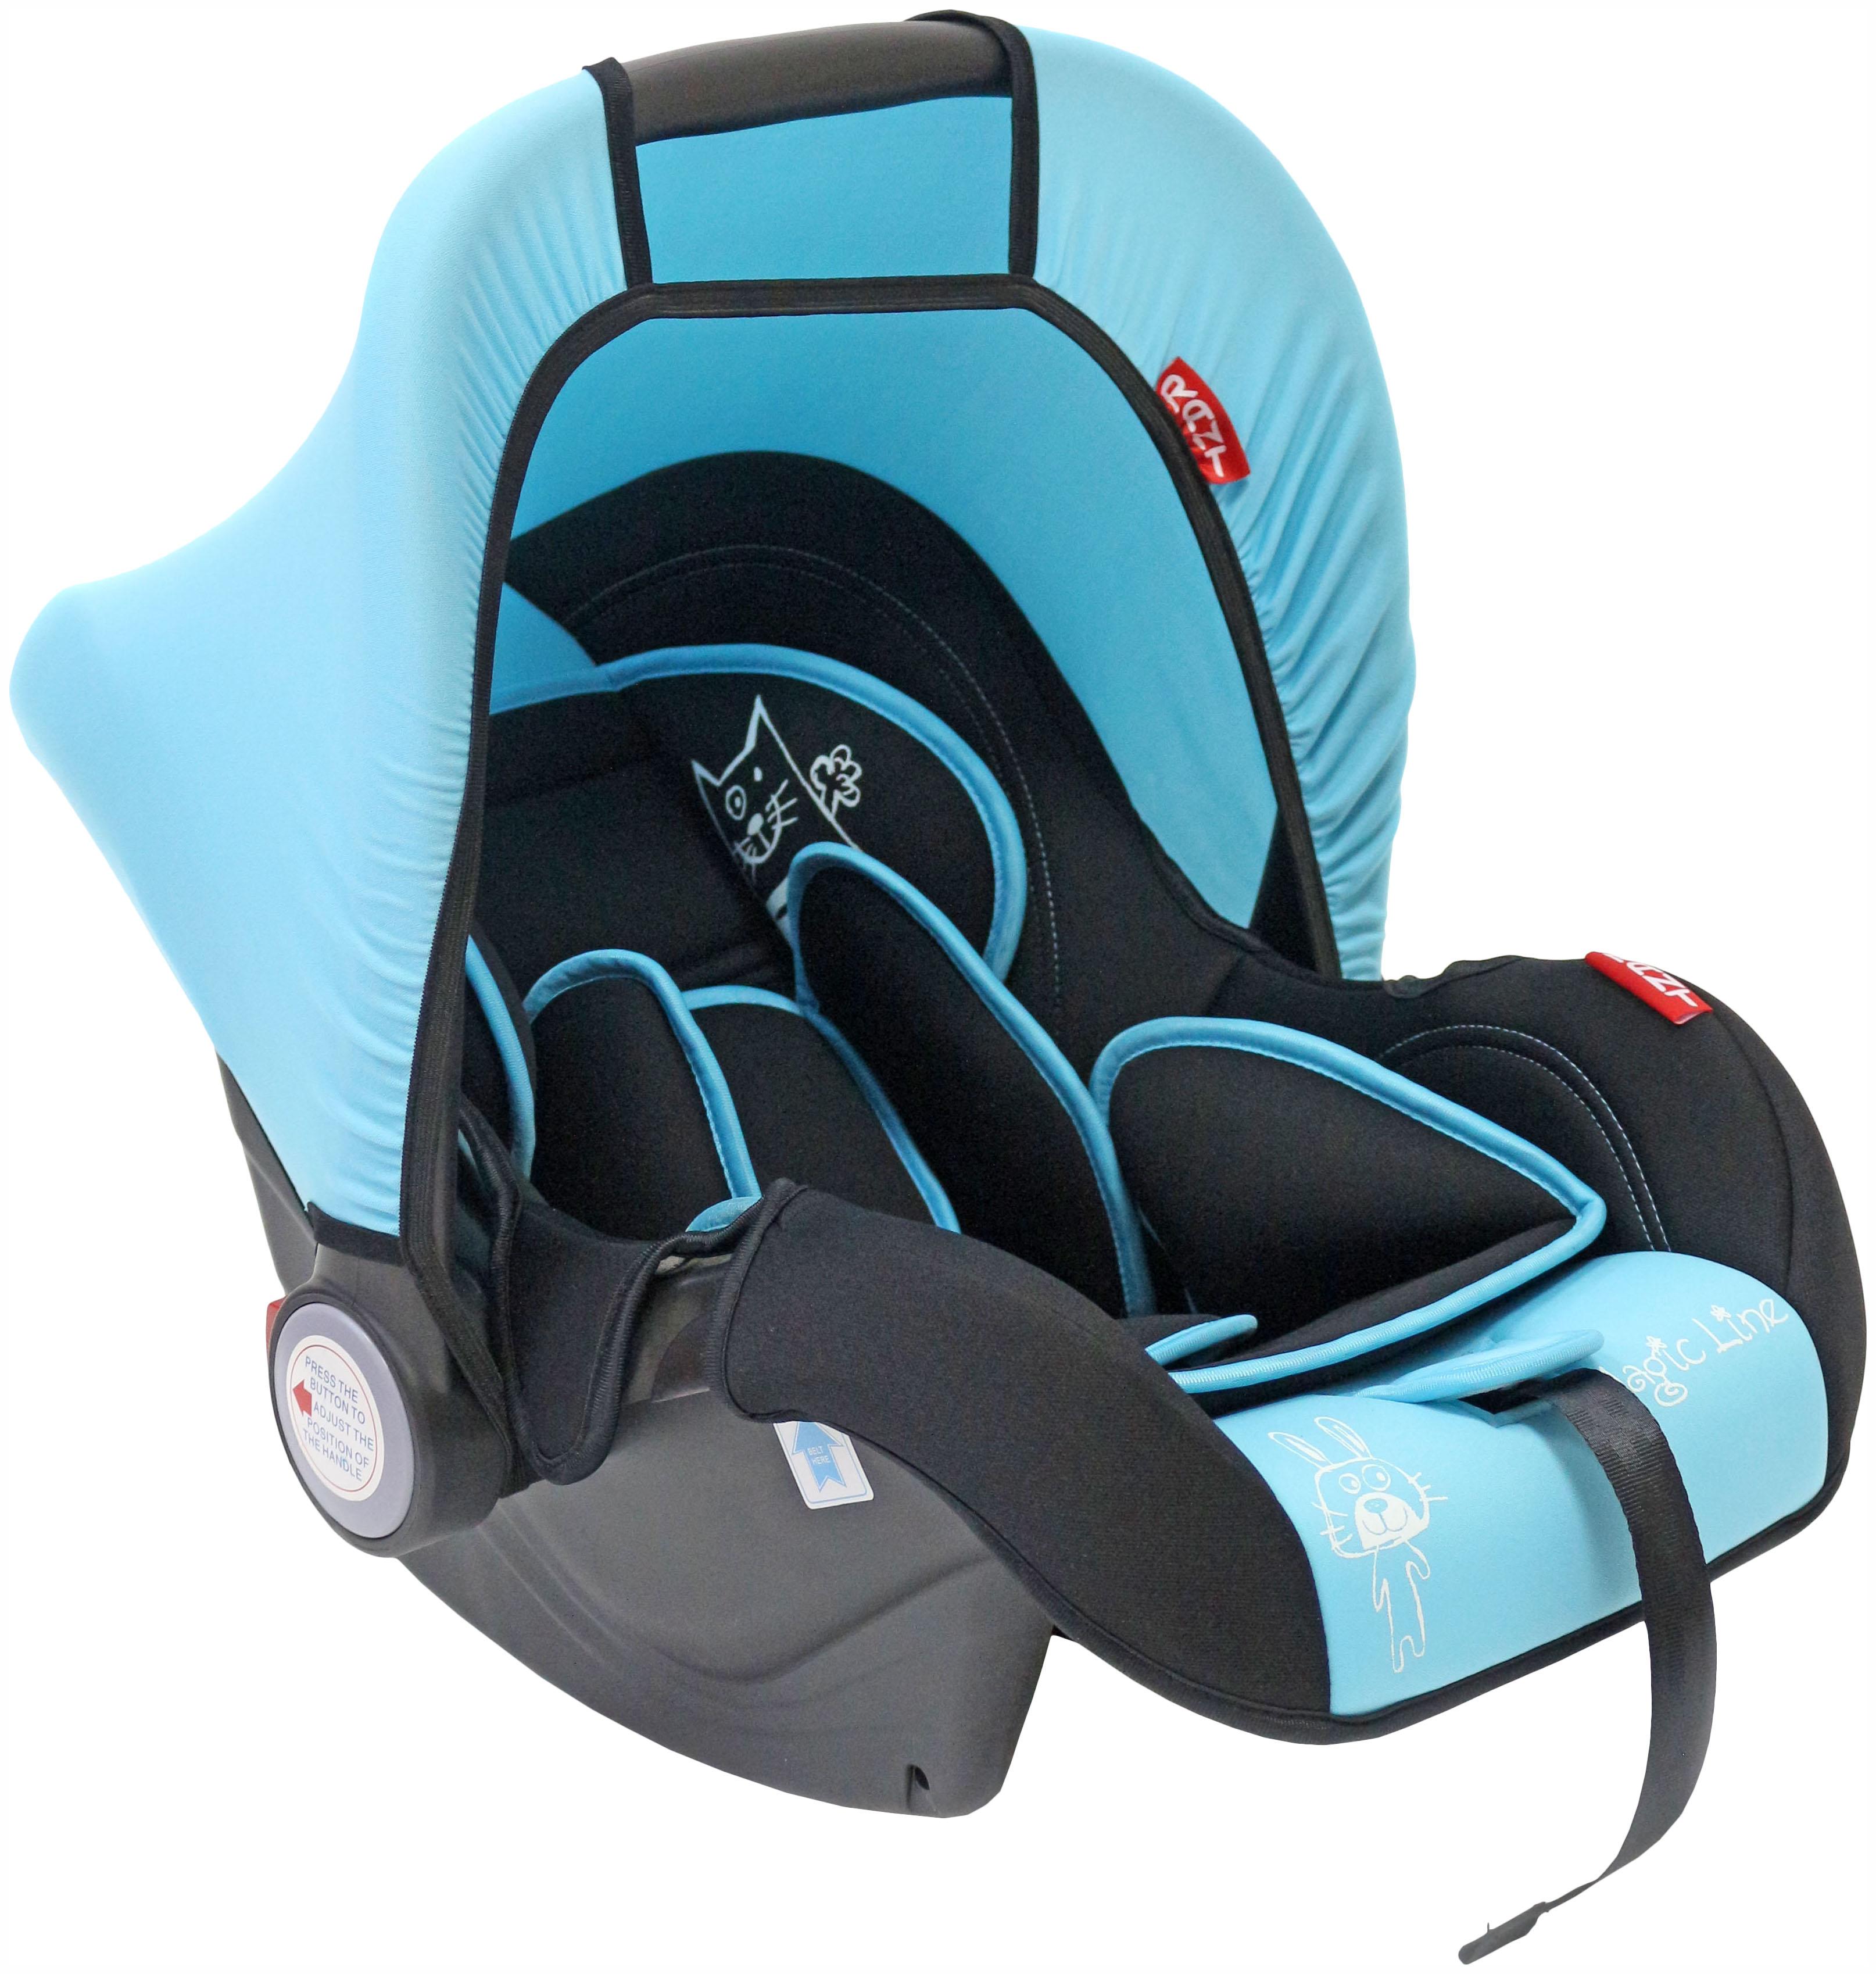 Купить Автокресло RANT Miracle группа 0+, Blue, Детские автокресла